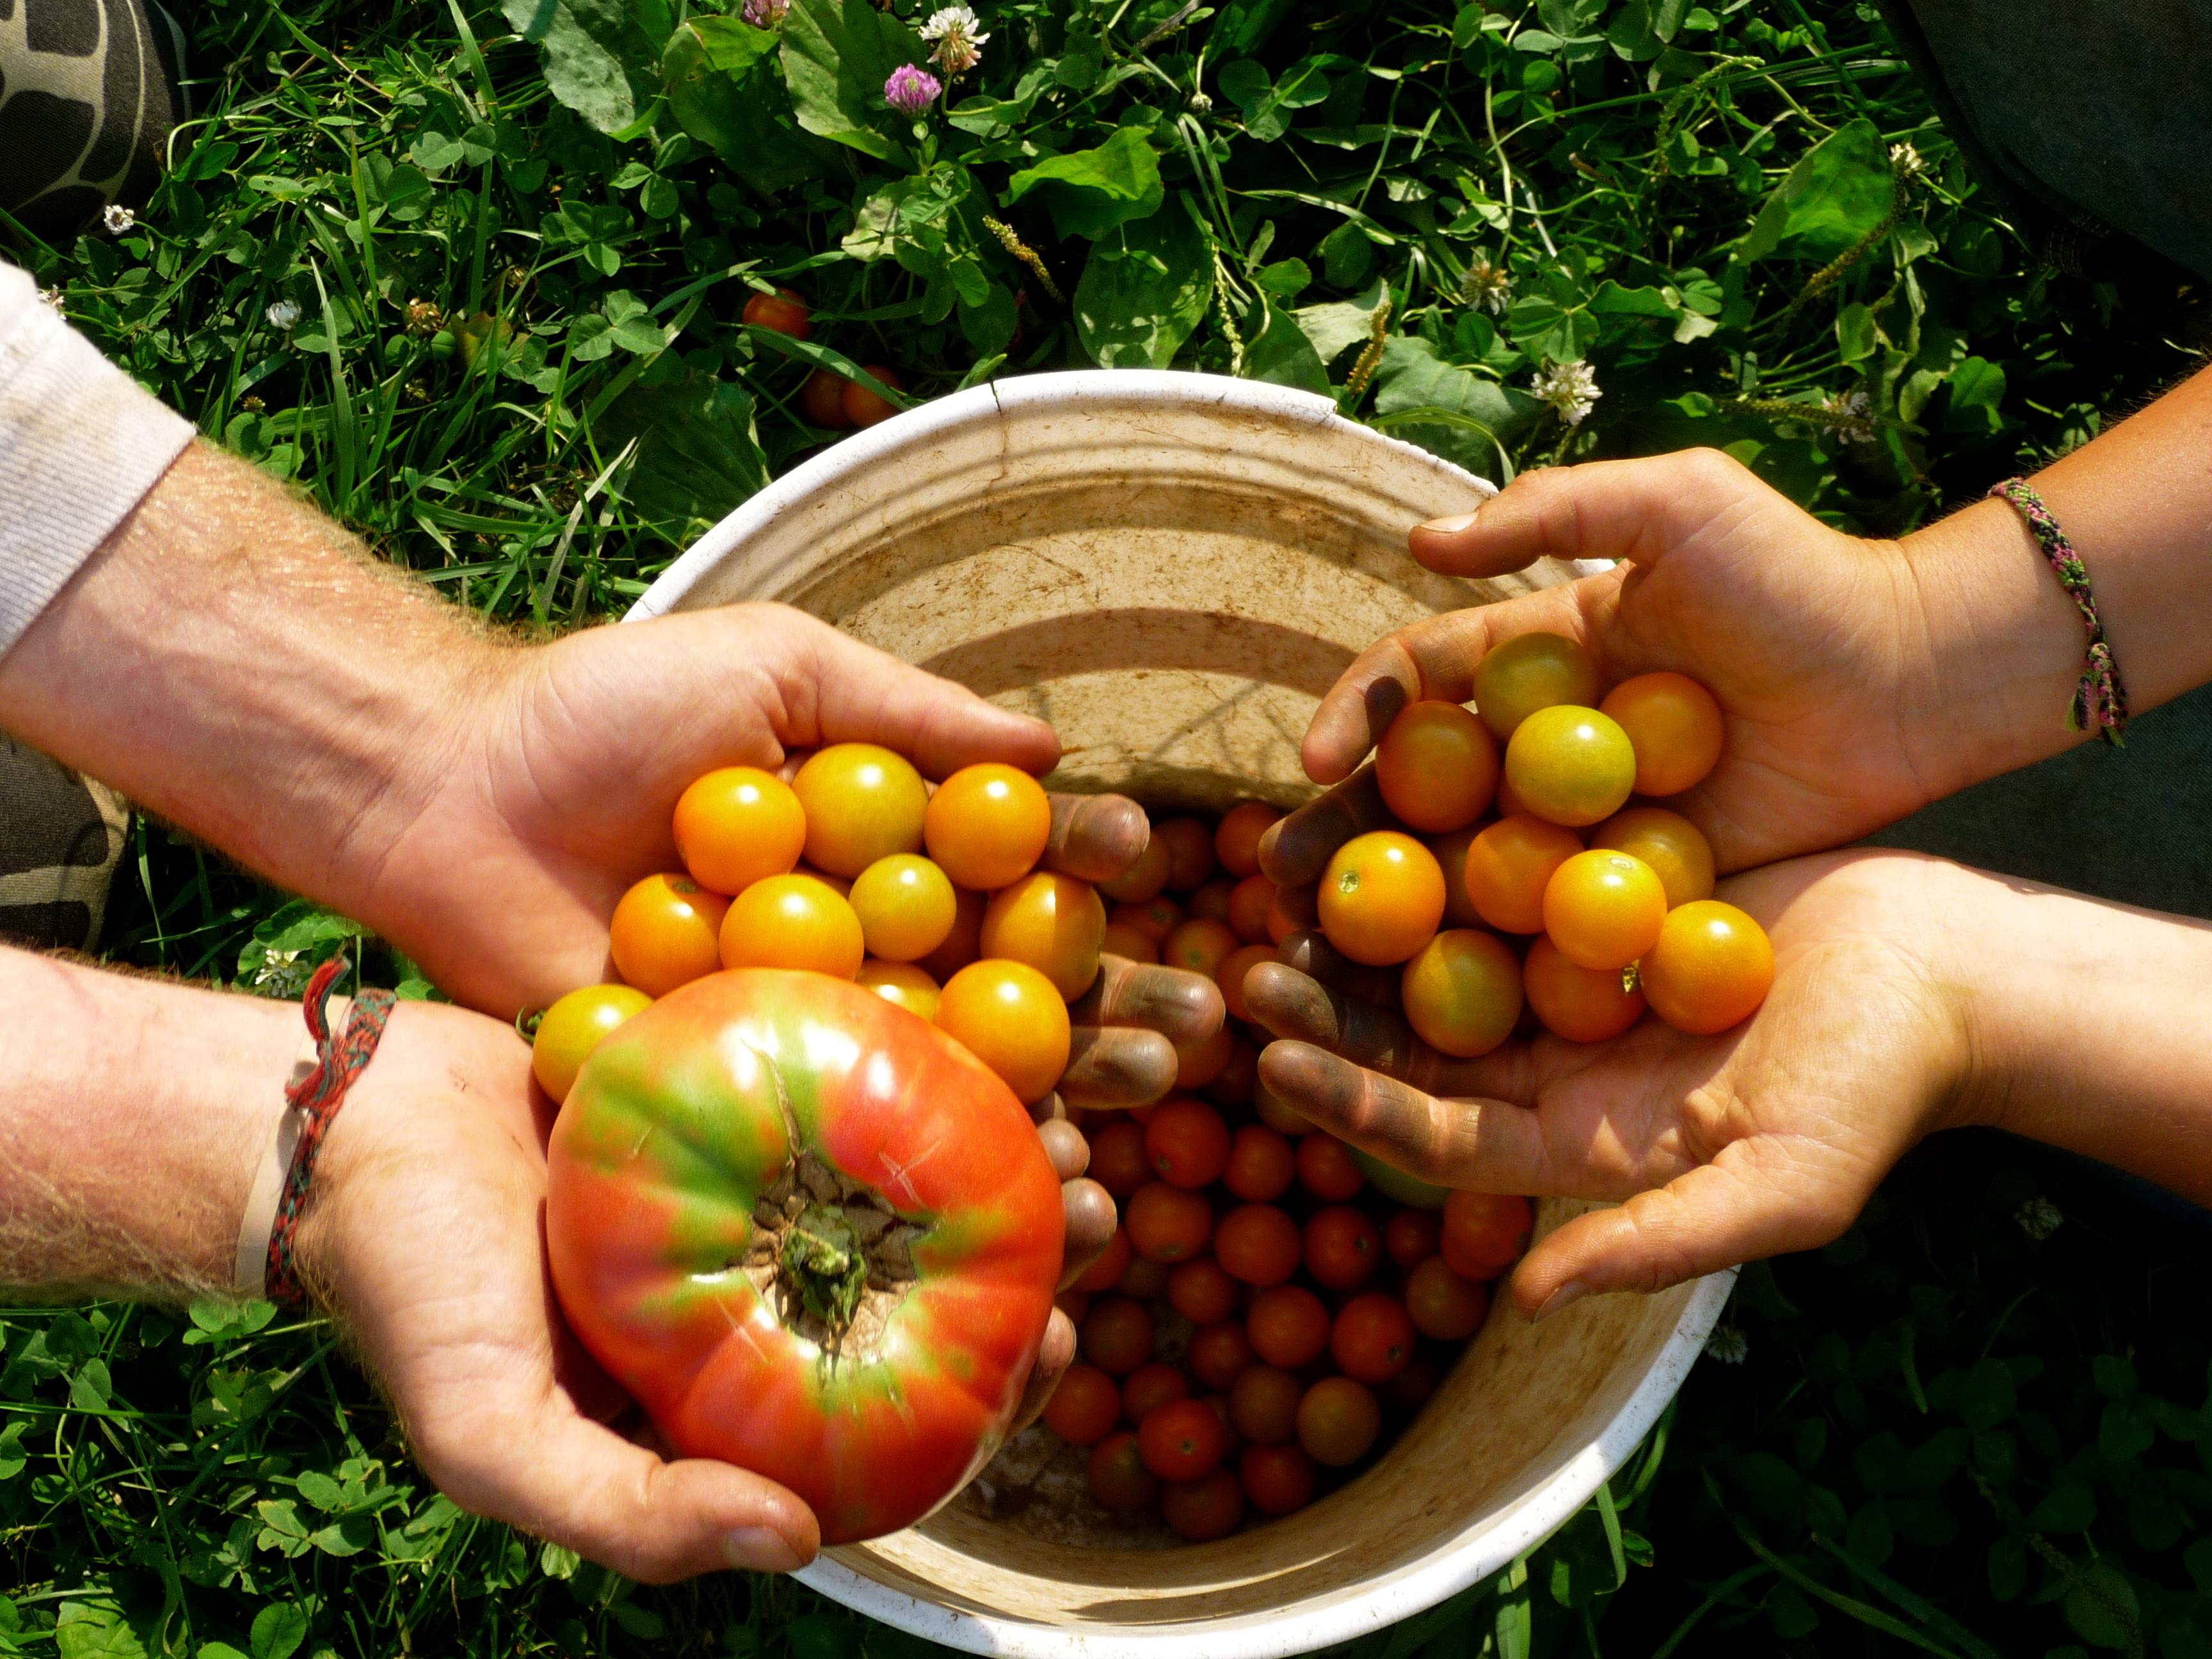 Επίσκεψη των Βιοκαλλιεργητών Αττικής στα γραφεία της «ΥΧ»